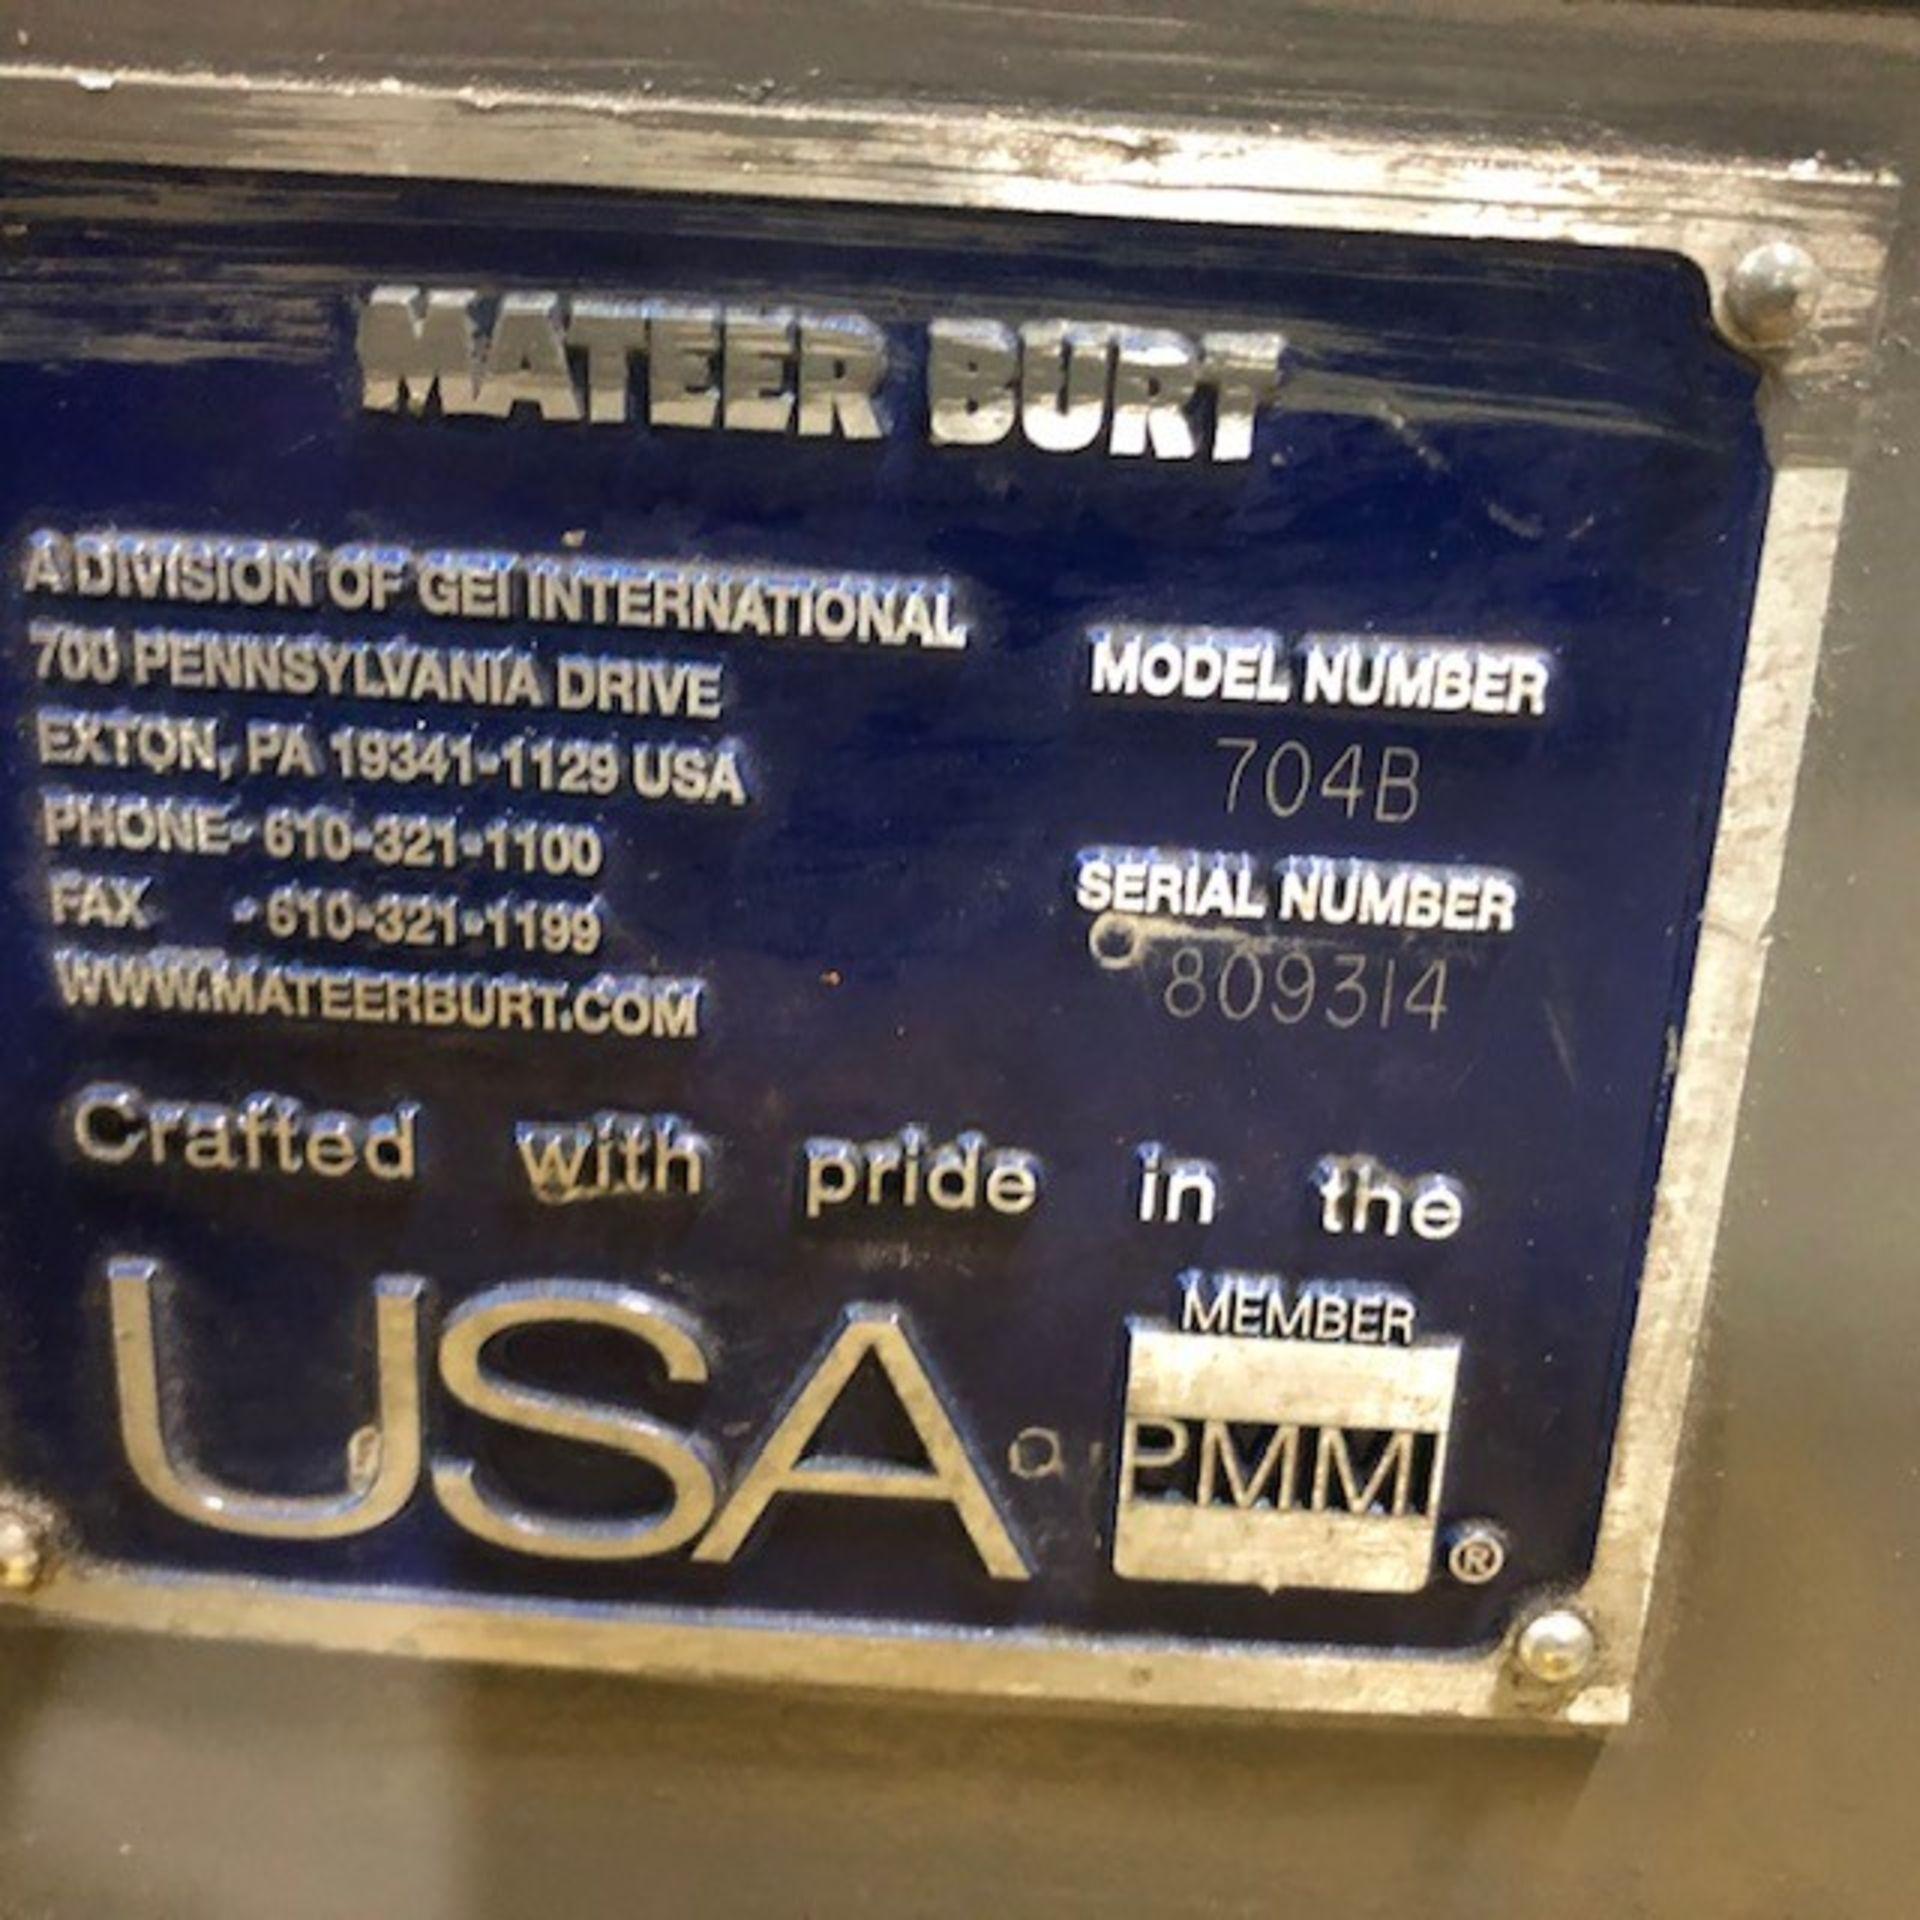 Labeller MDC Mateer-Burt, model: 704B, s/n: 809314 600V - Image 2 of 3